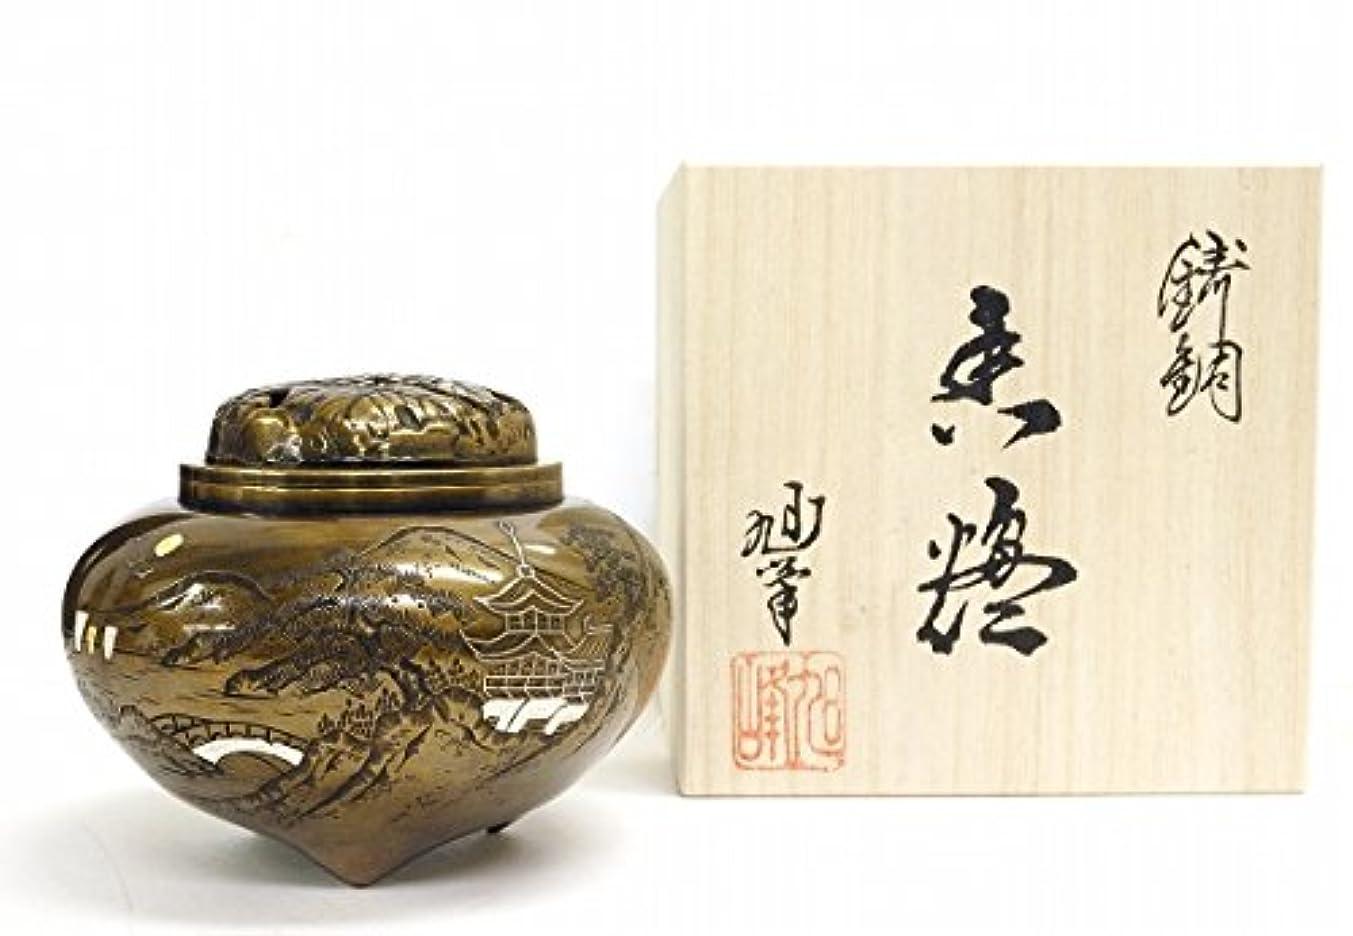 放棄防衛フィヨルド『平型楼閣山水香炉』銅製